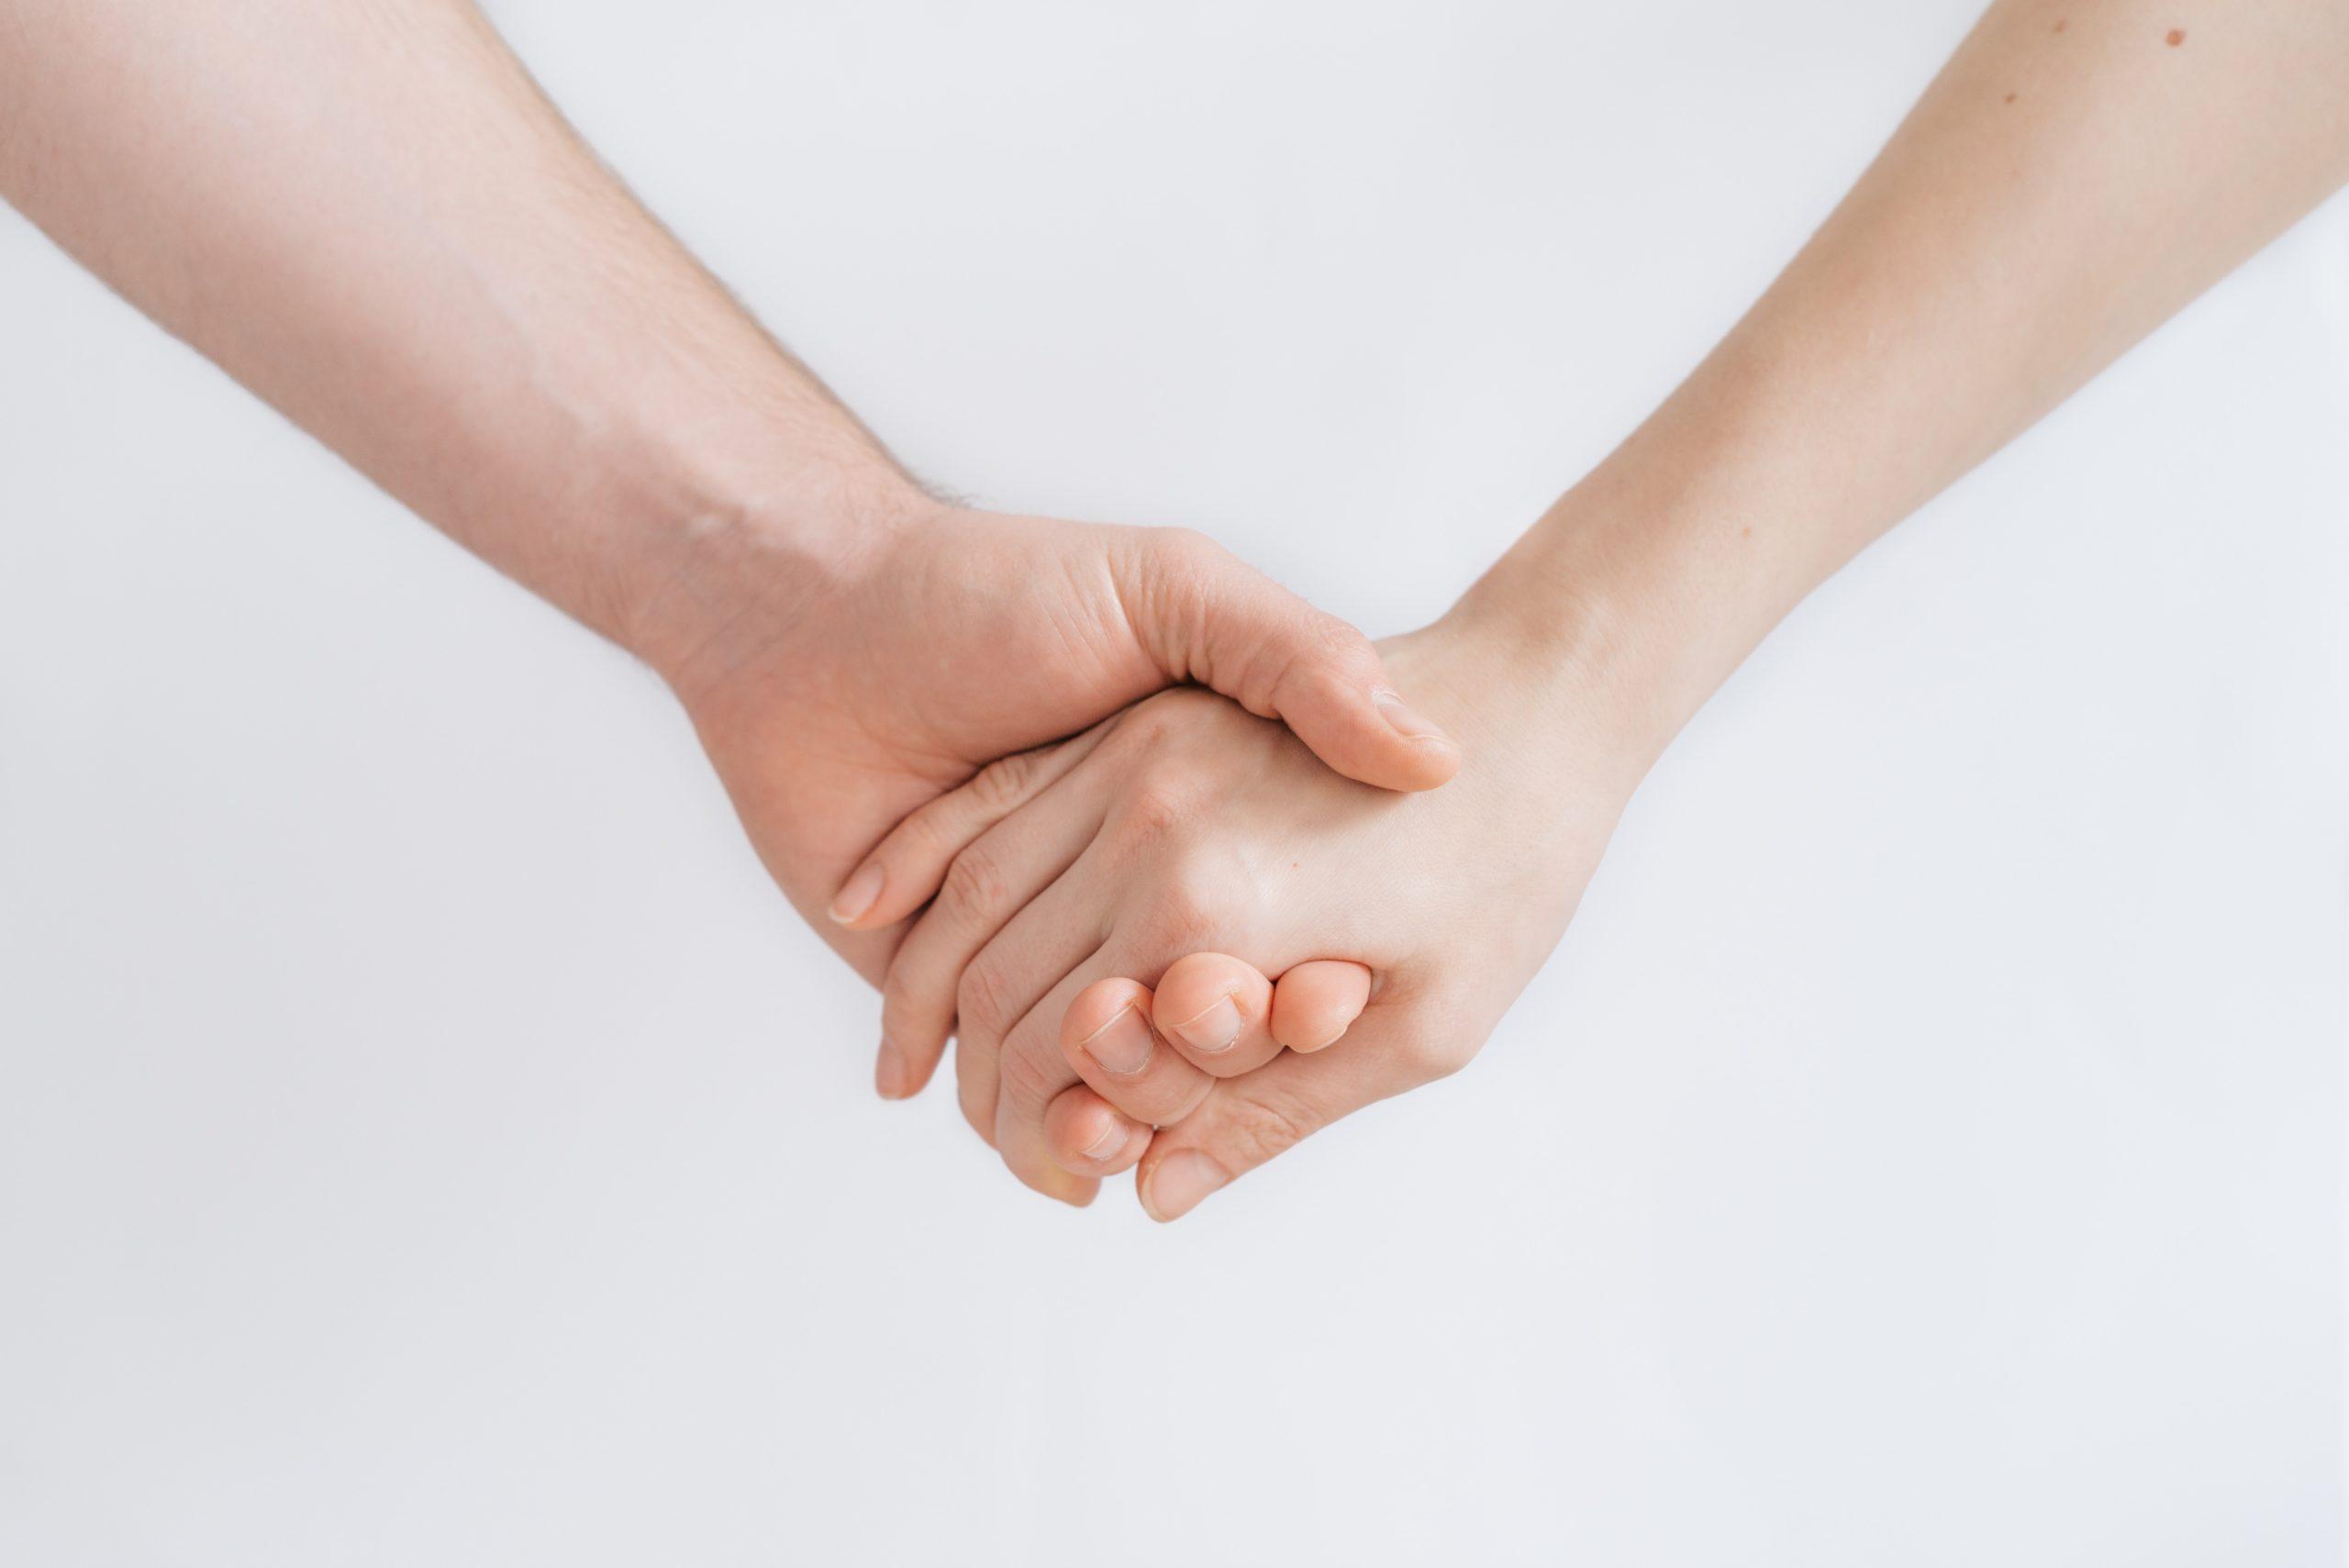 【質問まとめ】共働き夫婦の帰宅後の妻へかける質問まとめ